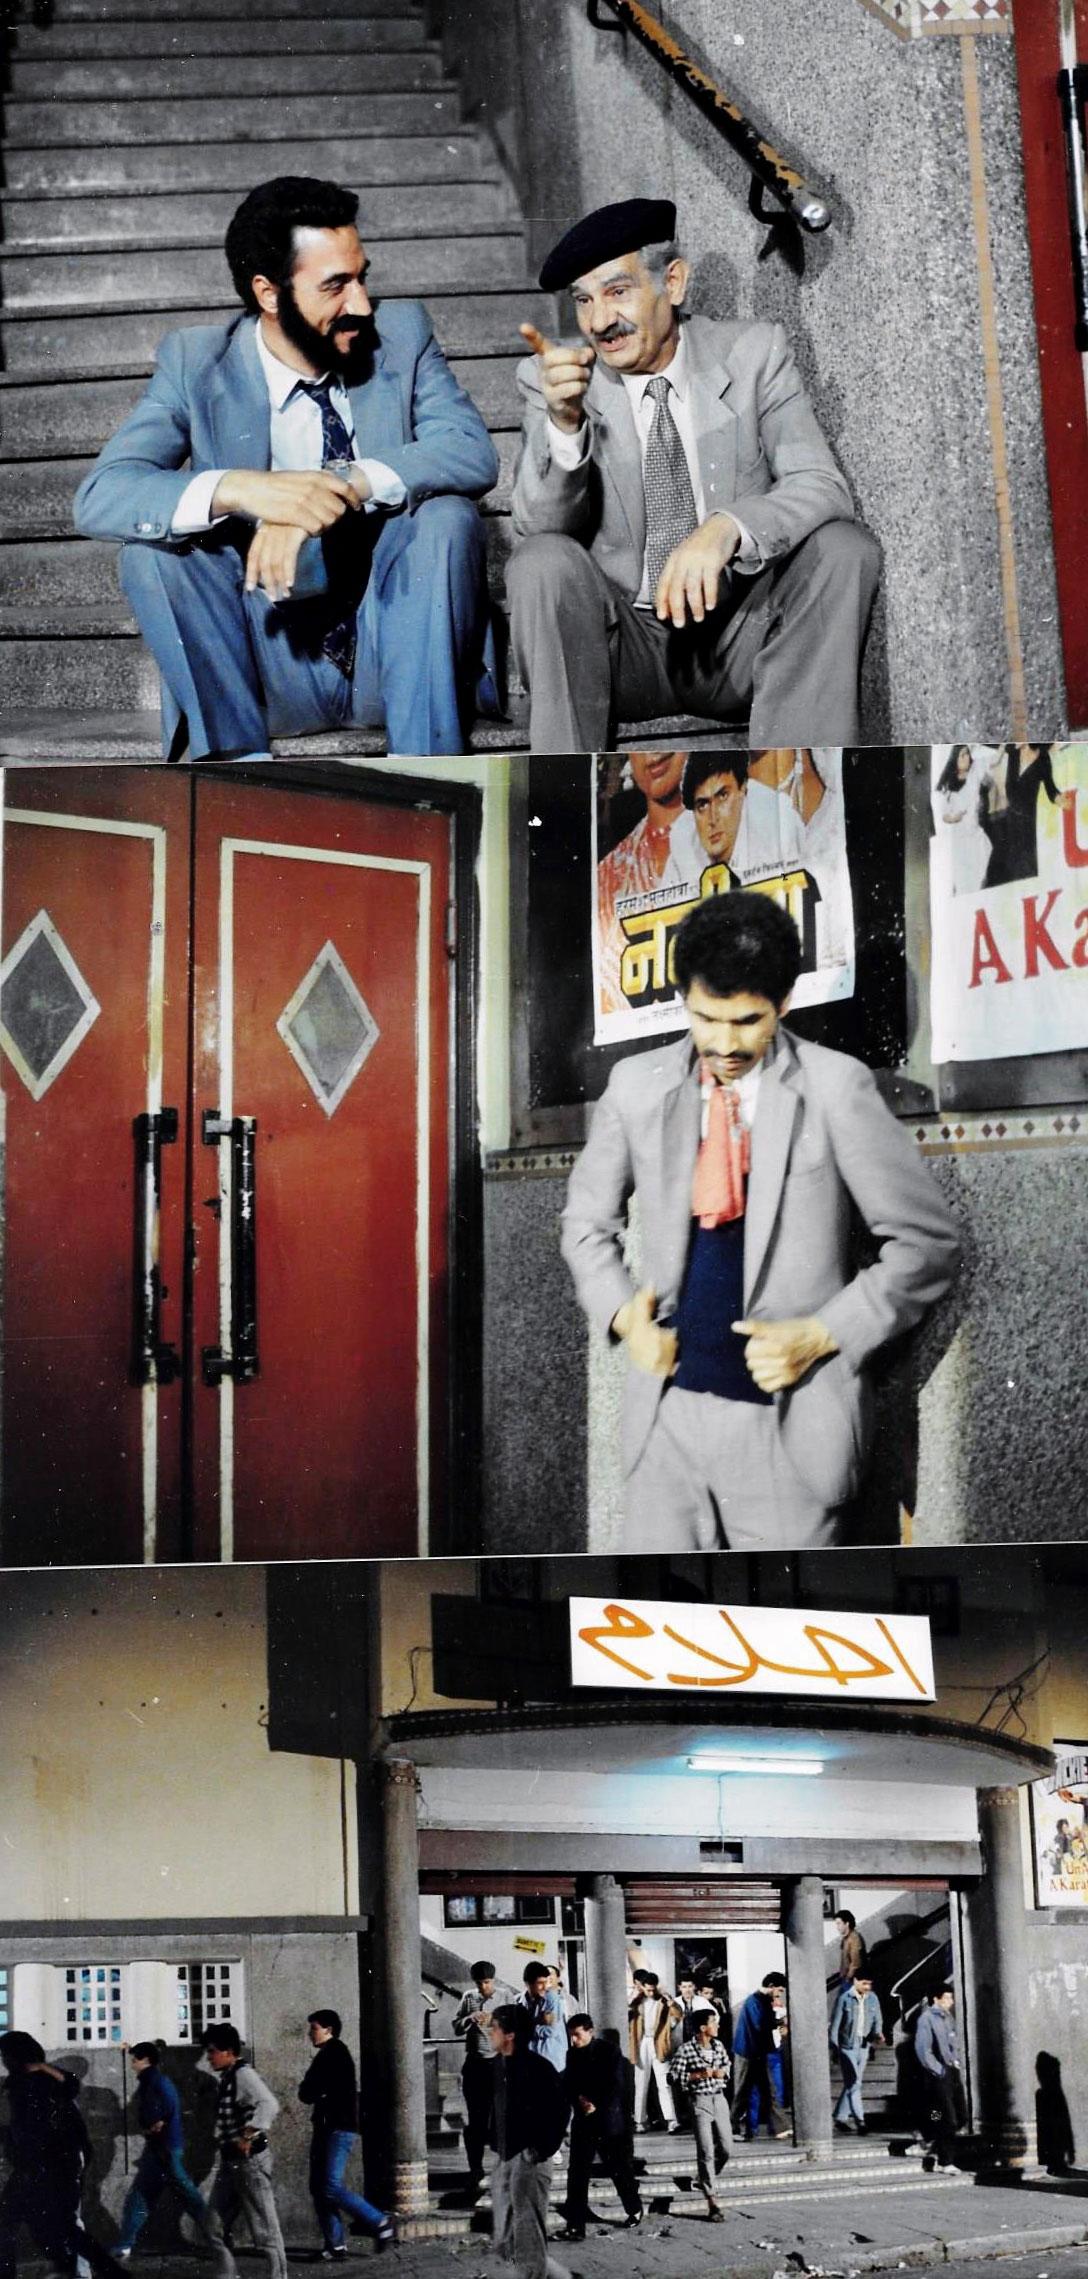 Le-Vieux-raille-les-spectateurs-de-son-ex-salle.-Mustapha-Halo-+-Mohamed-Fellag----1988-LUMIERES